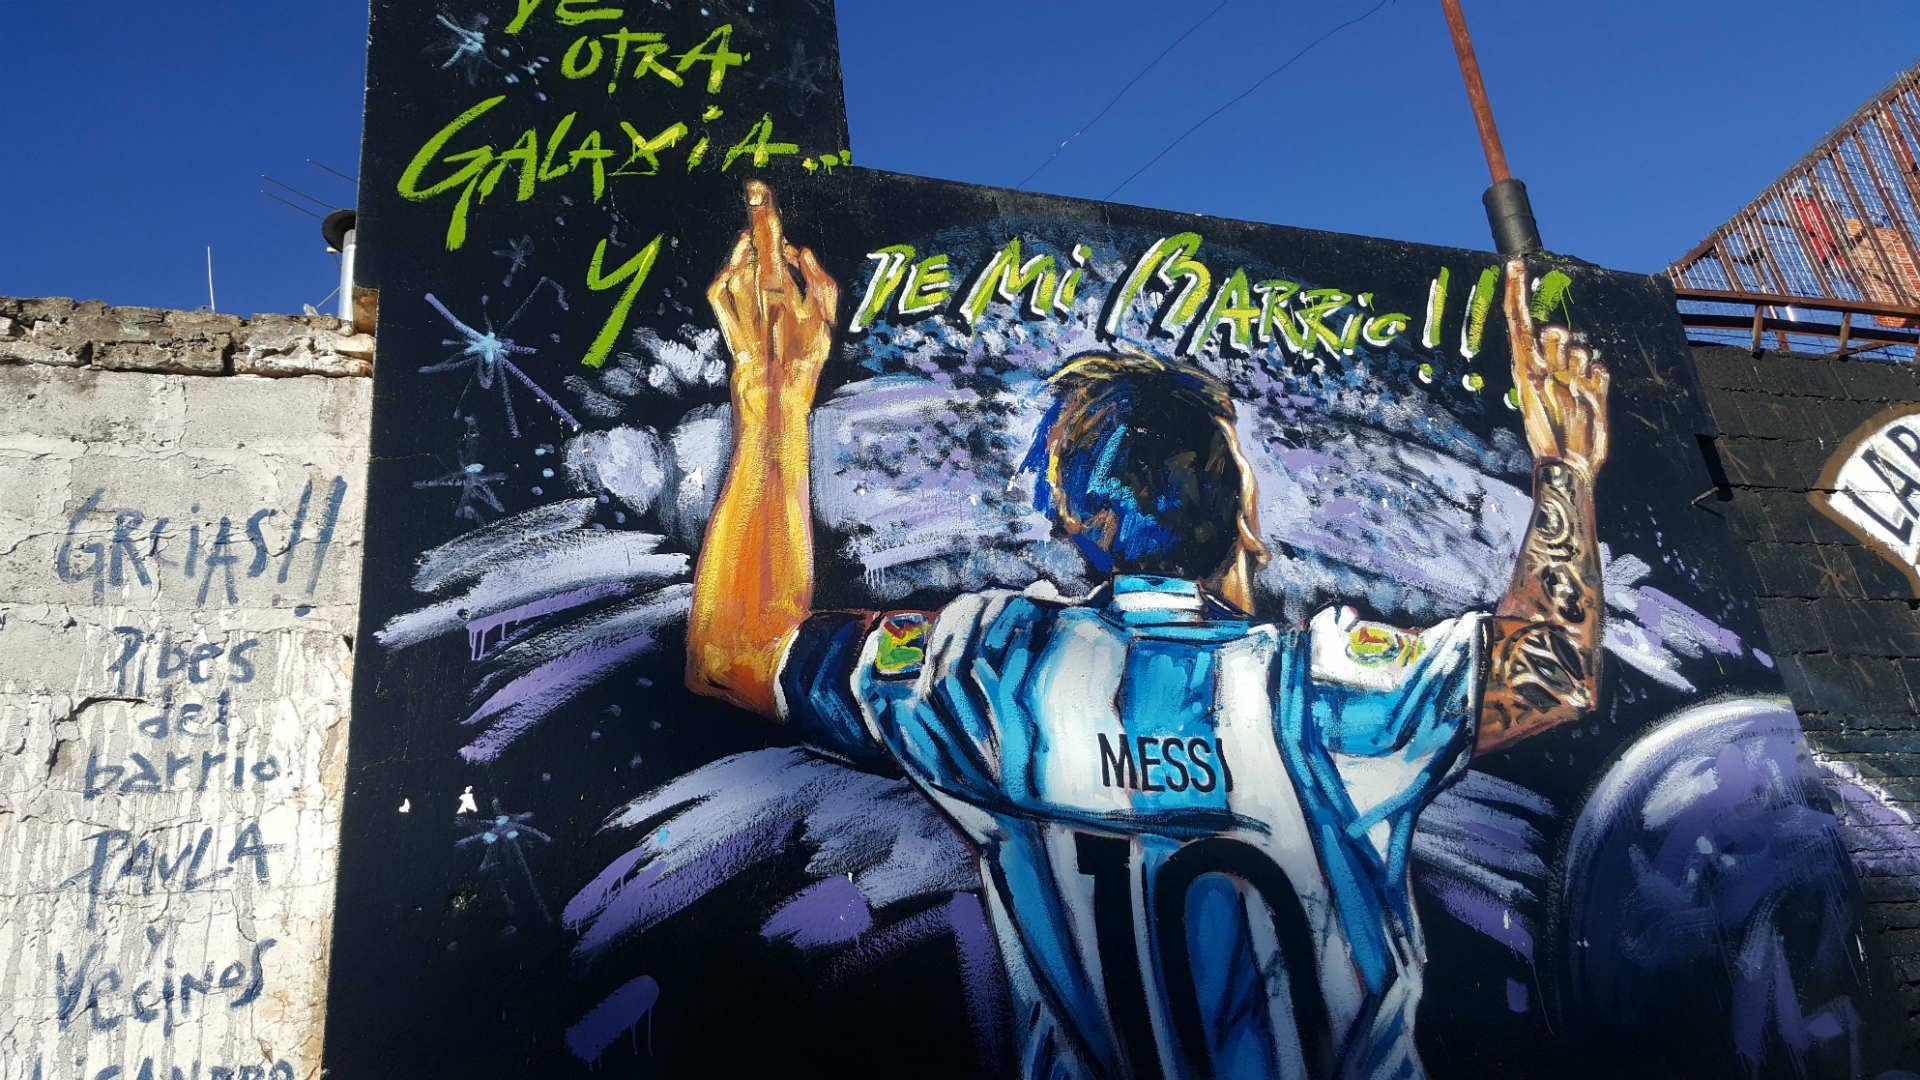 Uno de los murales realizados en el barrio de Lionelen su homenaje.